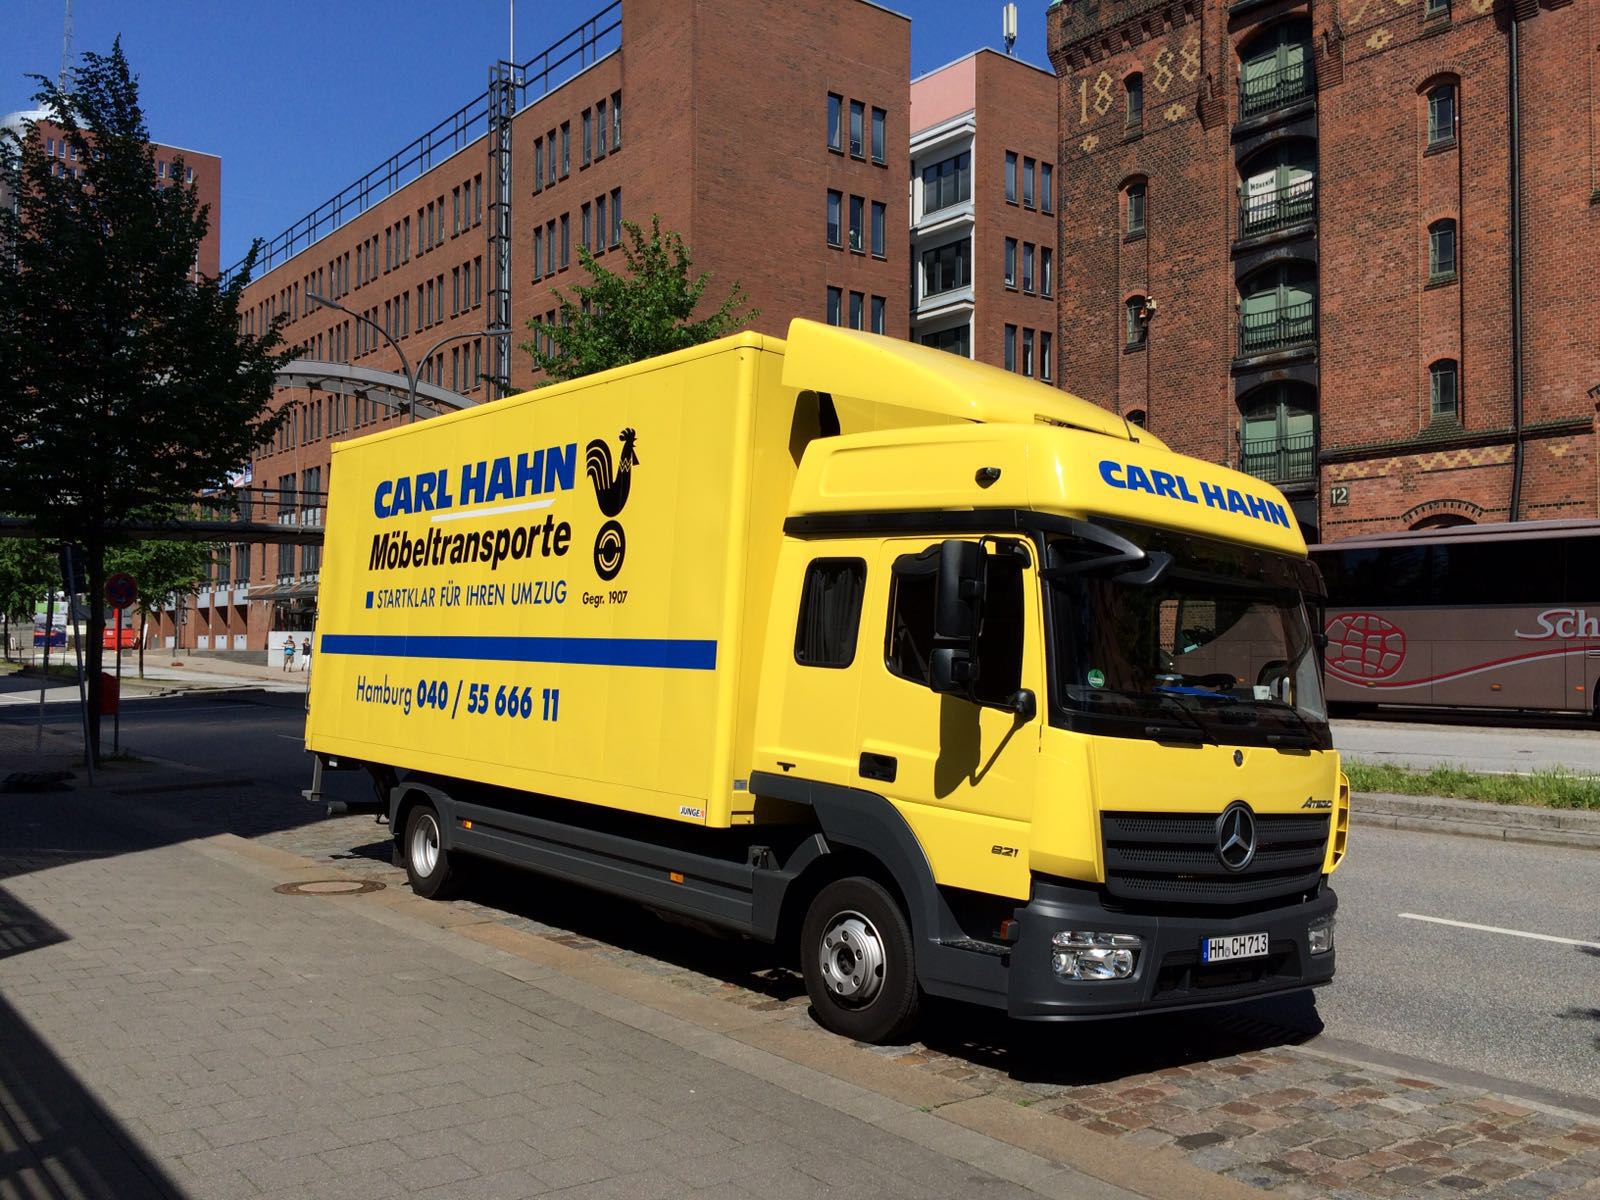 Umzug Hamburg Umzugsunternehmen Carl Hahn